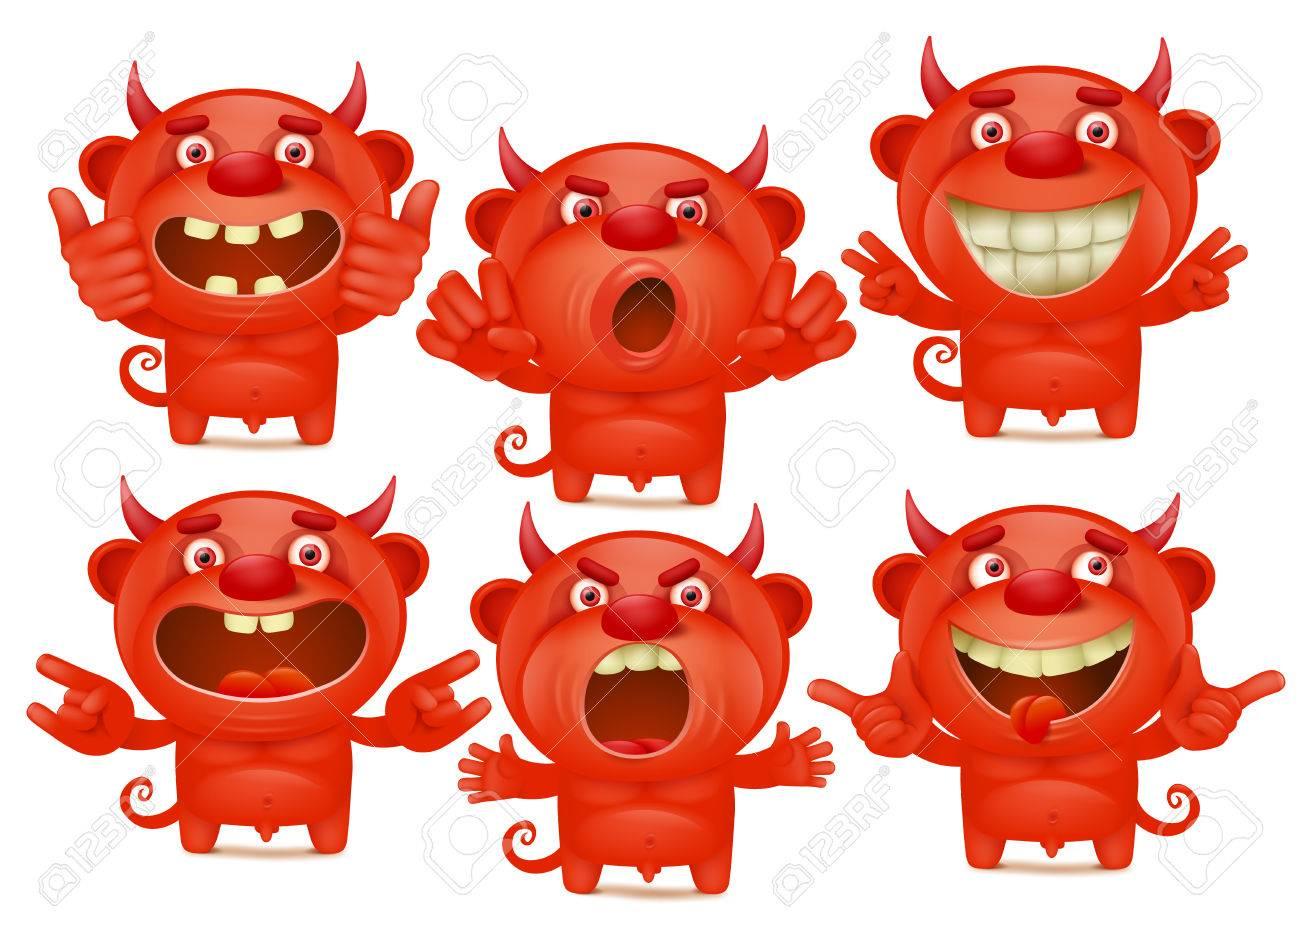 Personnages De Dessins Du Diable Rouge Dans Differentes Emotions Emoji Set Clip Art Libres De Droits Vecteurs Et Illustration Image 80321498